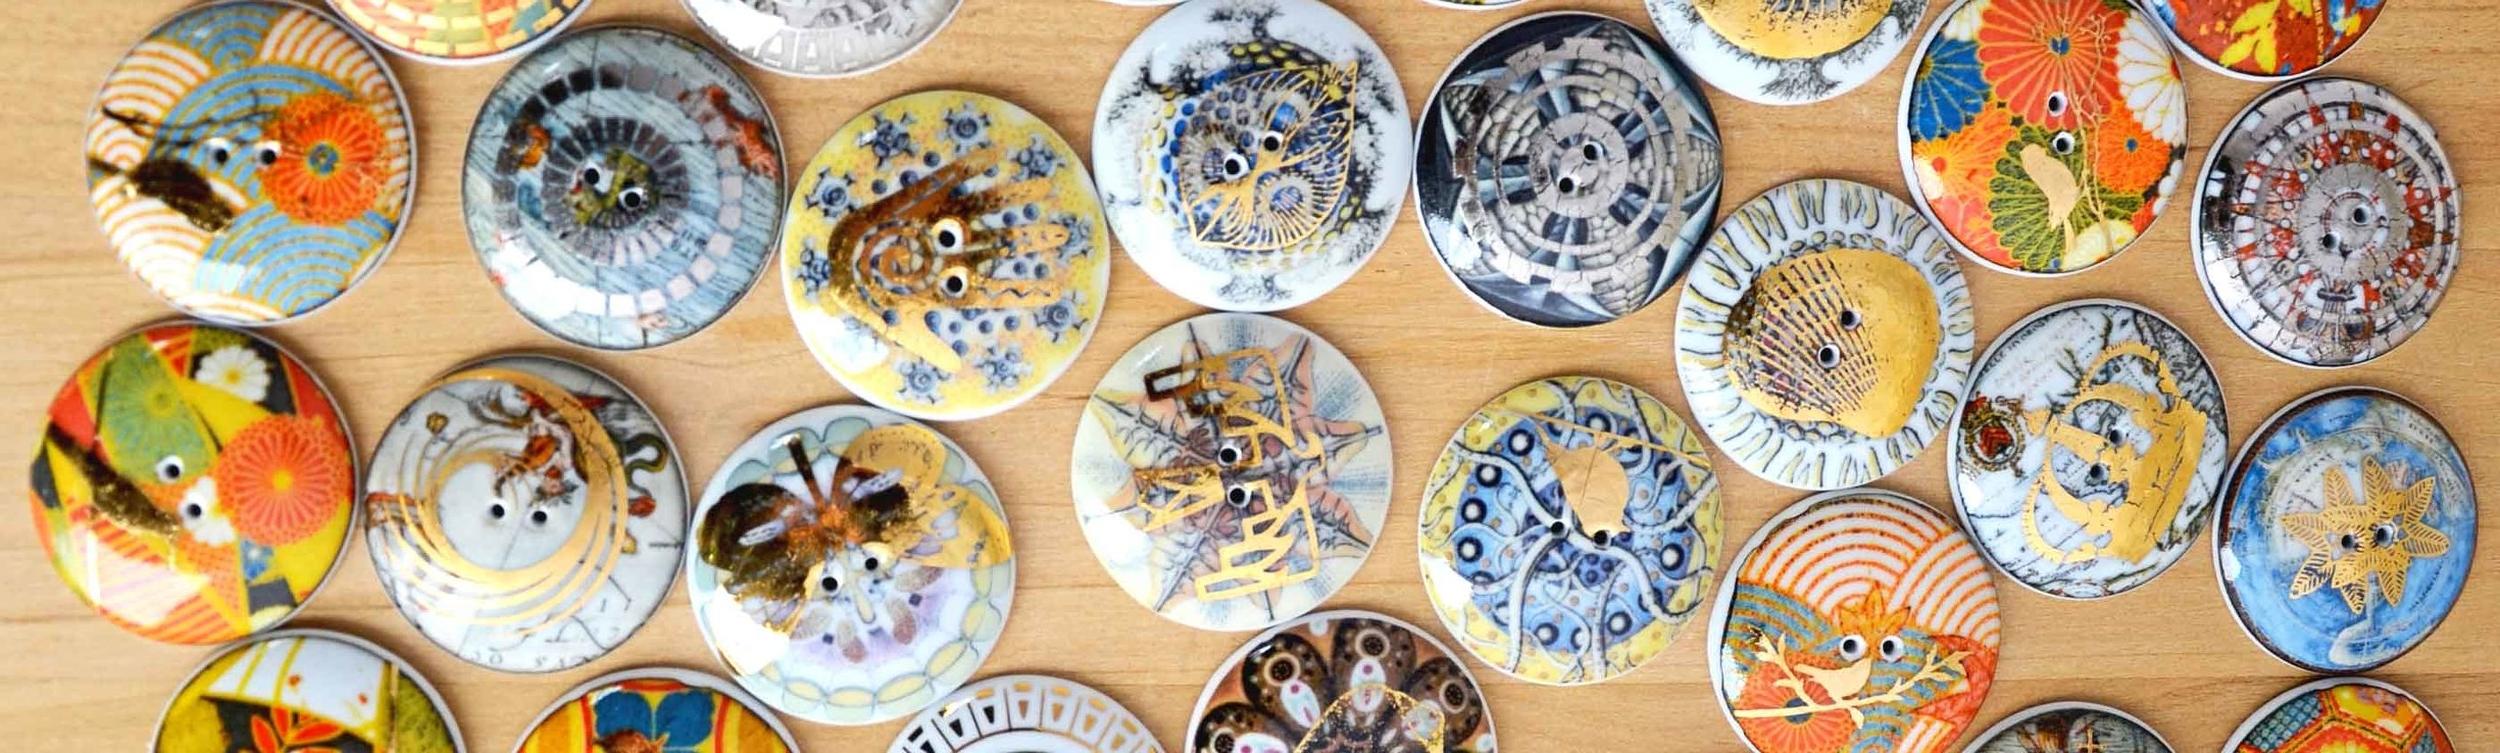 Custom Ceramic Decals   Glass Fusing Decals   Ceramic Luster Decals